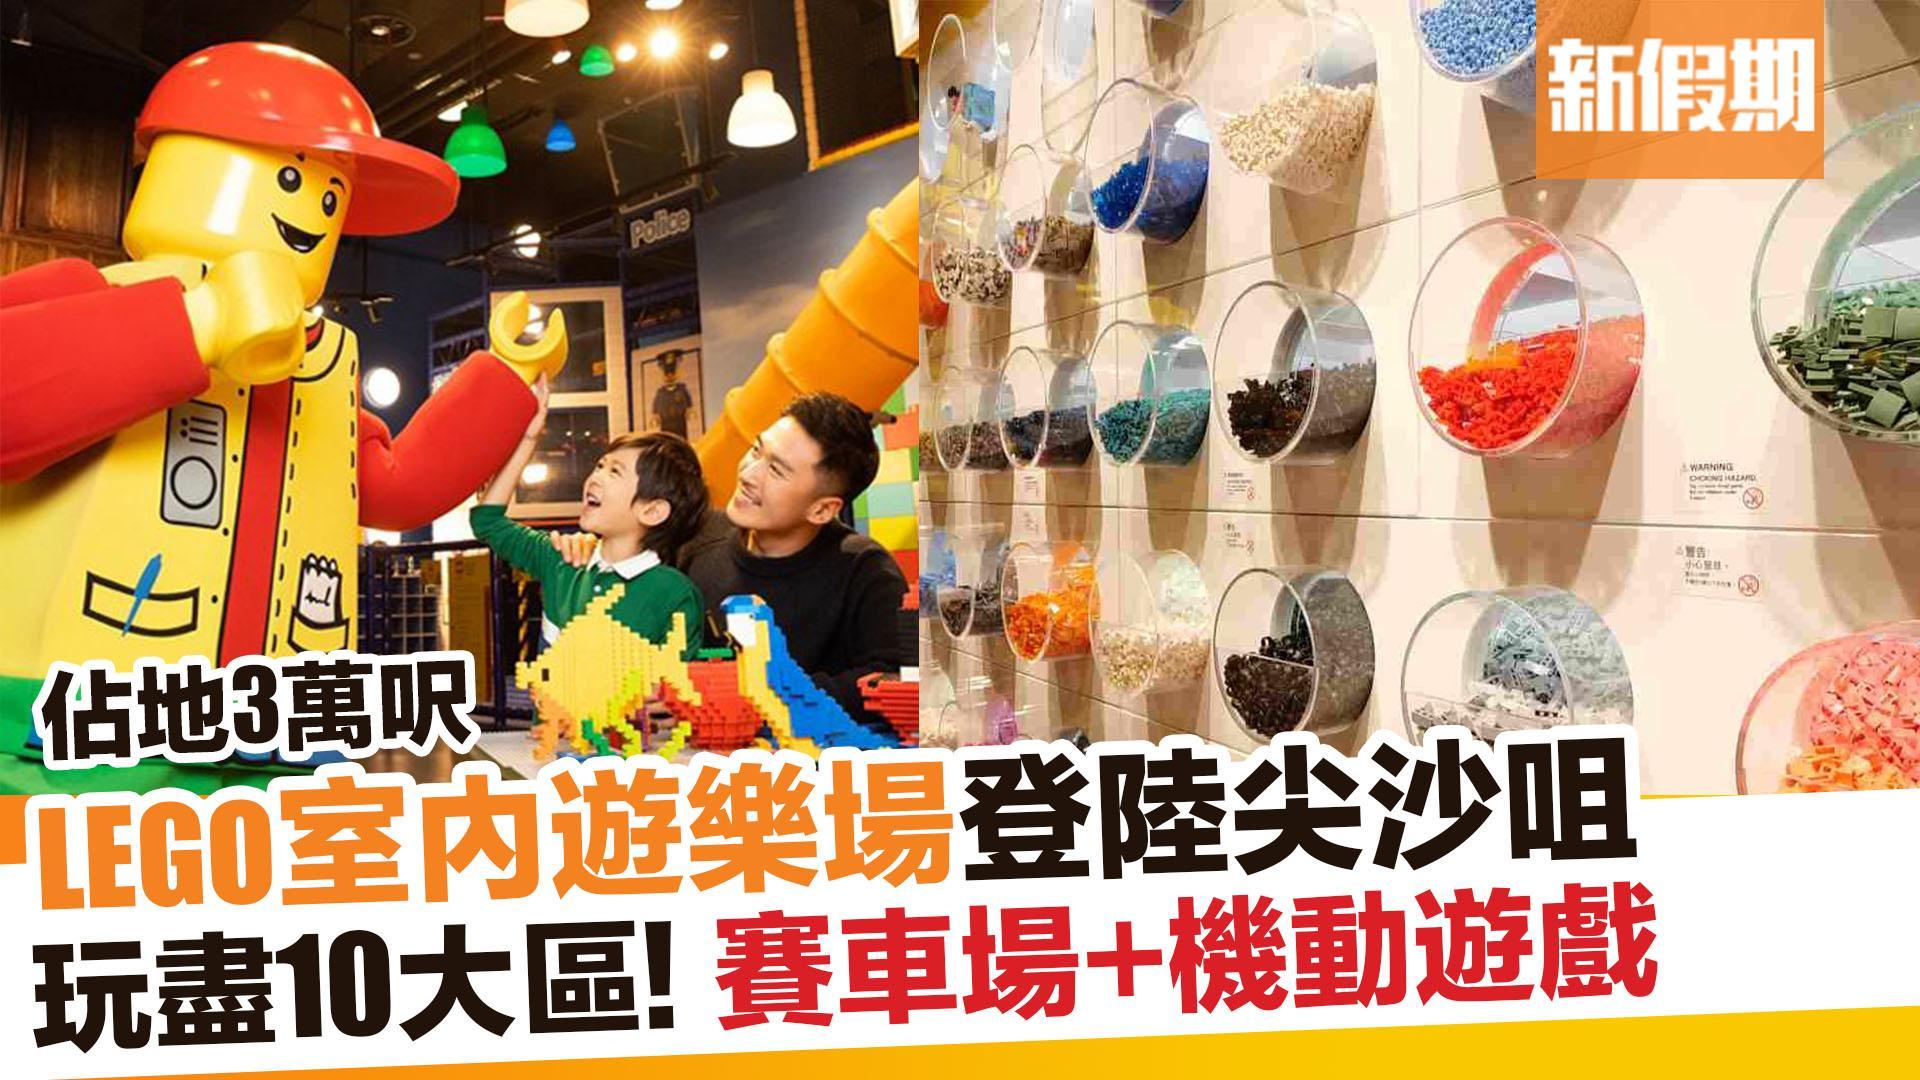 【香港好去處】尖沙咀LEGO室內遊樂場率先睇! 新假期